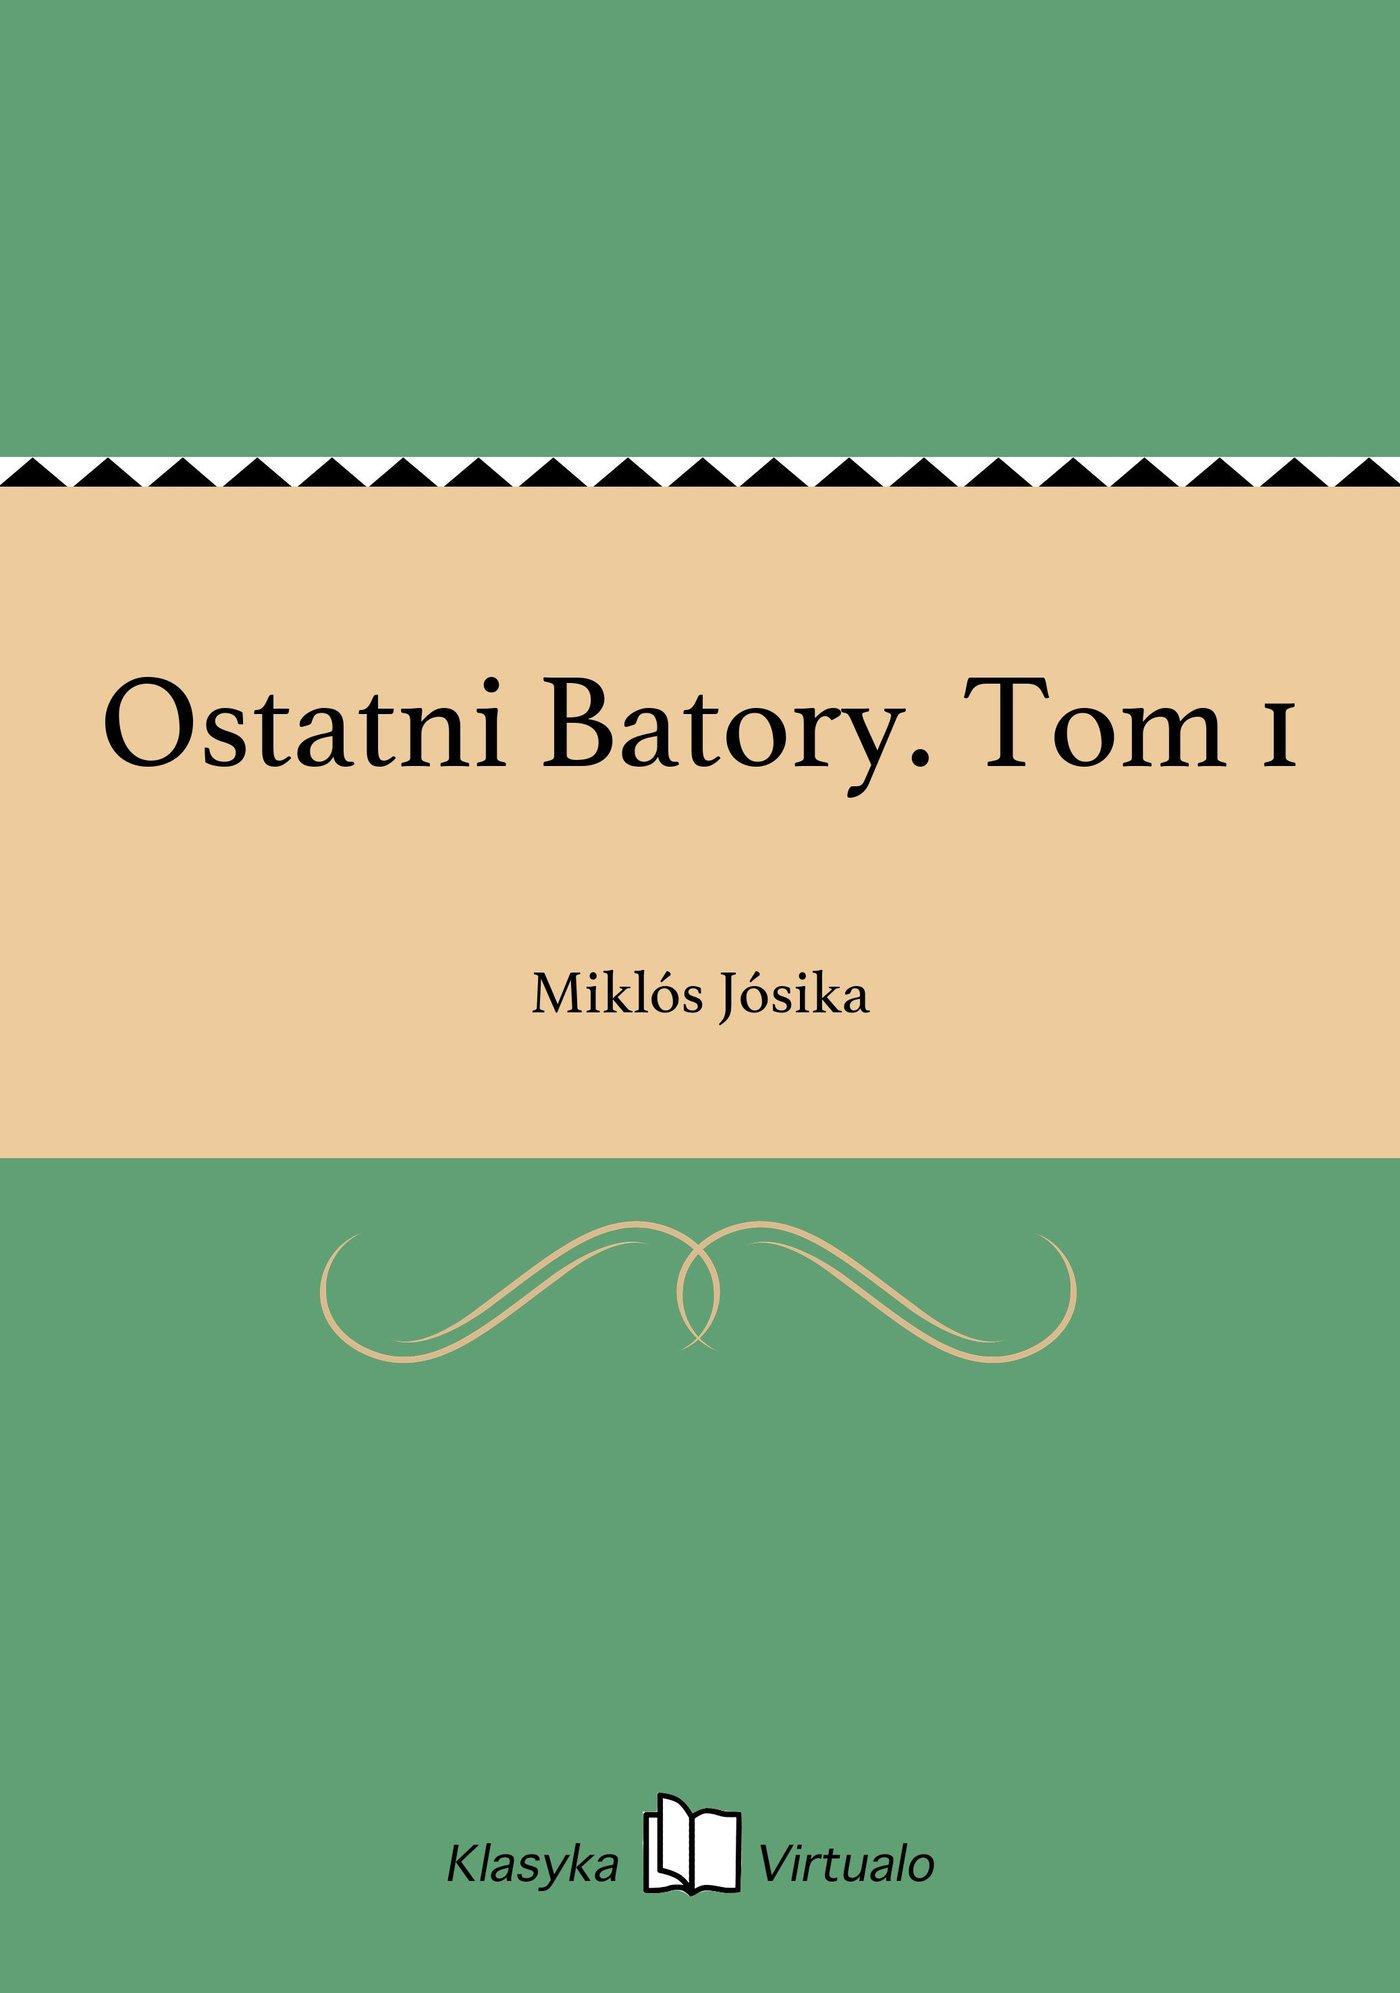 Ostatni Batory. Tom 1 - Ebook (Książka EPUB) do pobrania w formacie EPUB